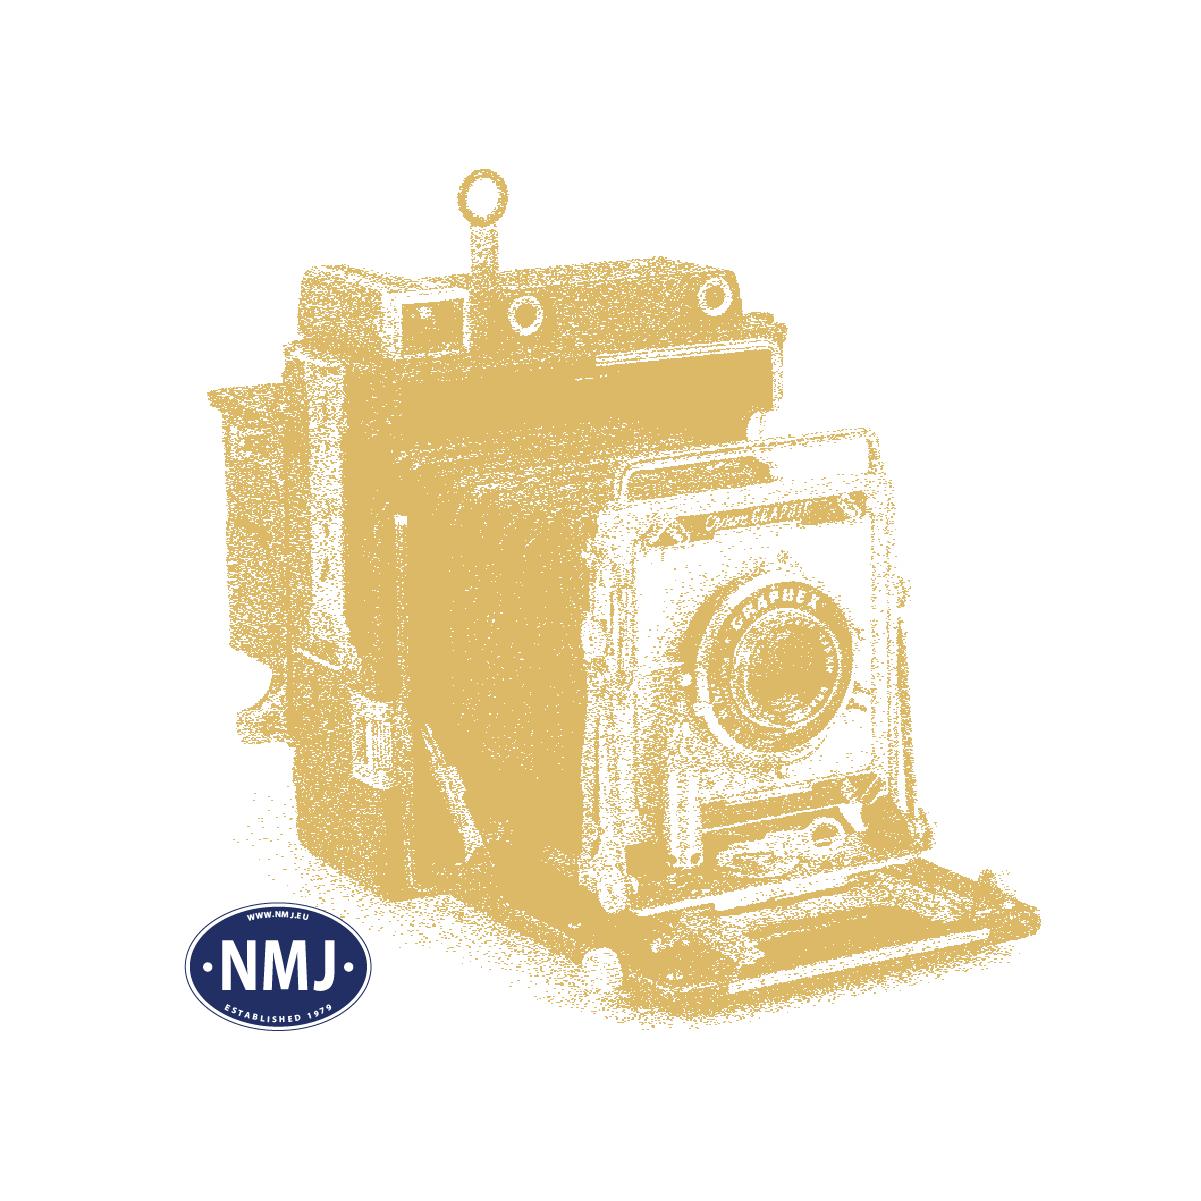 NMJ0.21304 - NMJ Superline Modell des Post/Gepäckwagens DF37.21304 der NSB, Spur 0